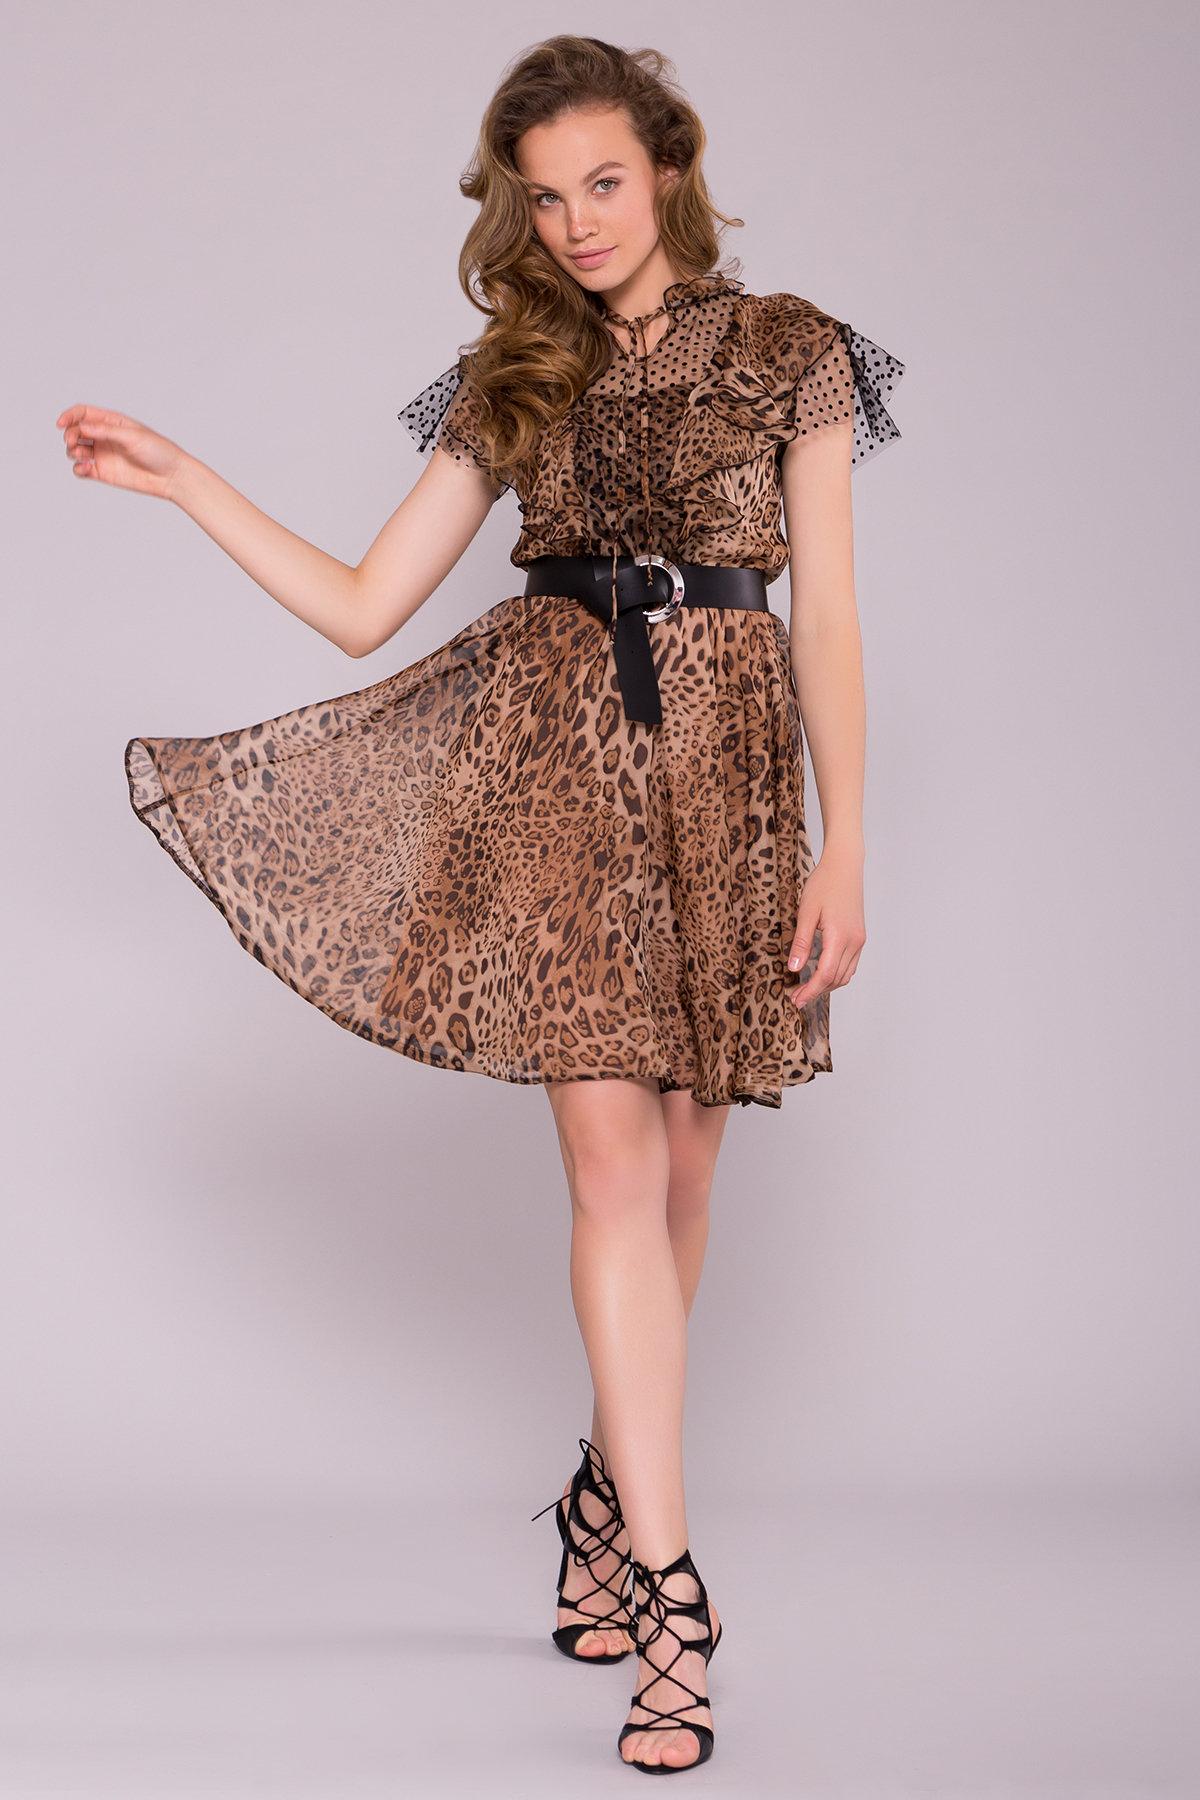 Платье Дали 7251 АРТ. 42805 Цвет: Леопард 1 - фото 1, интернет магазин tm-modus.ru